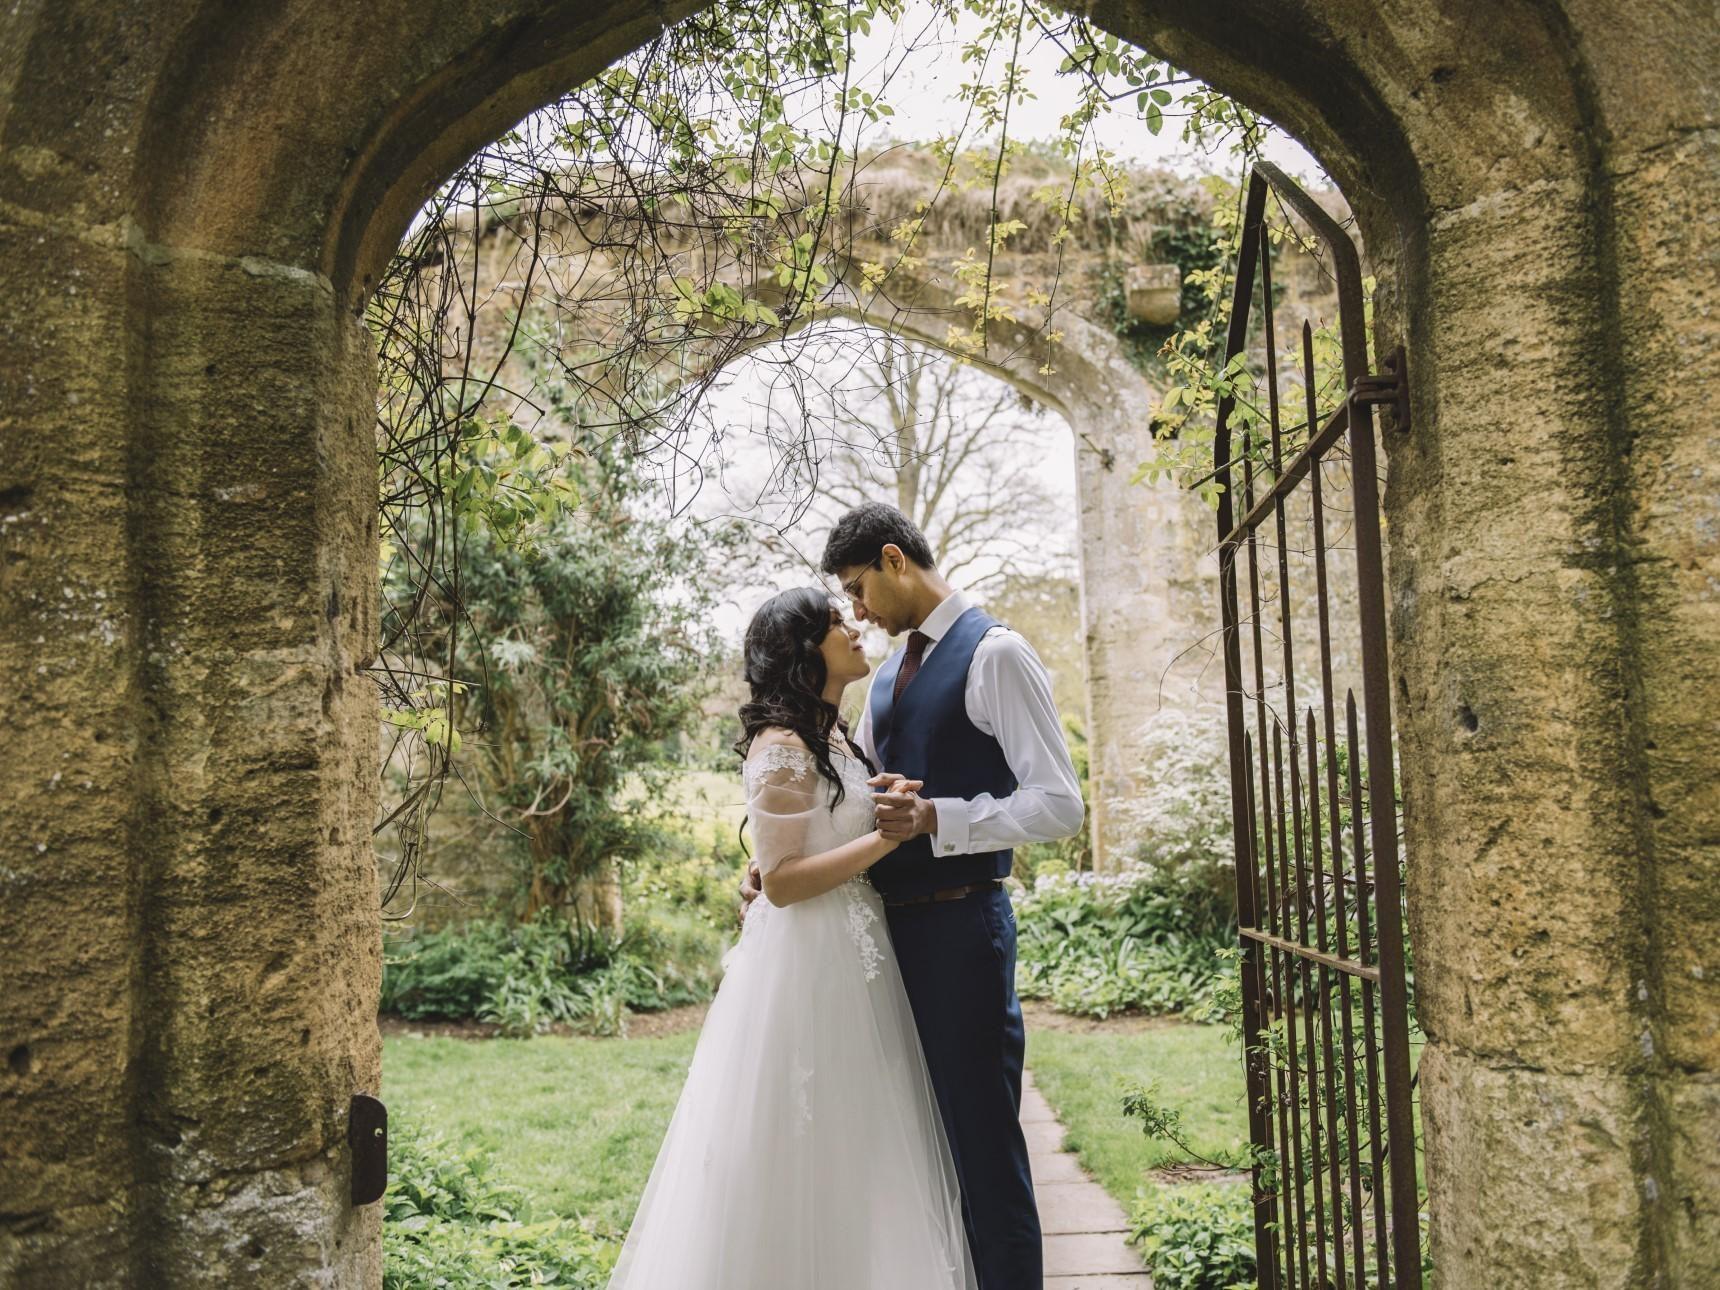 Wedding couple in Castle ruins gateway